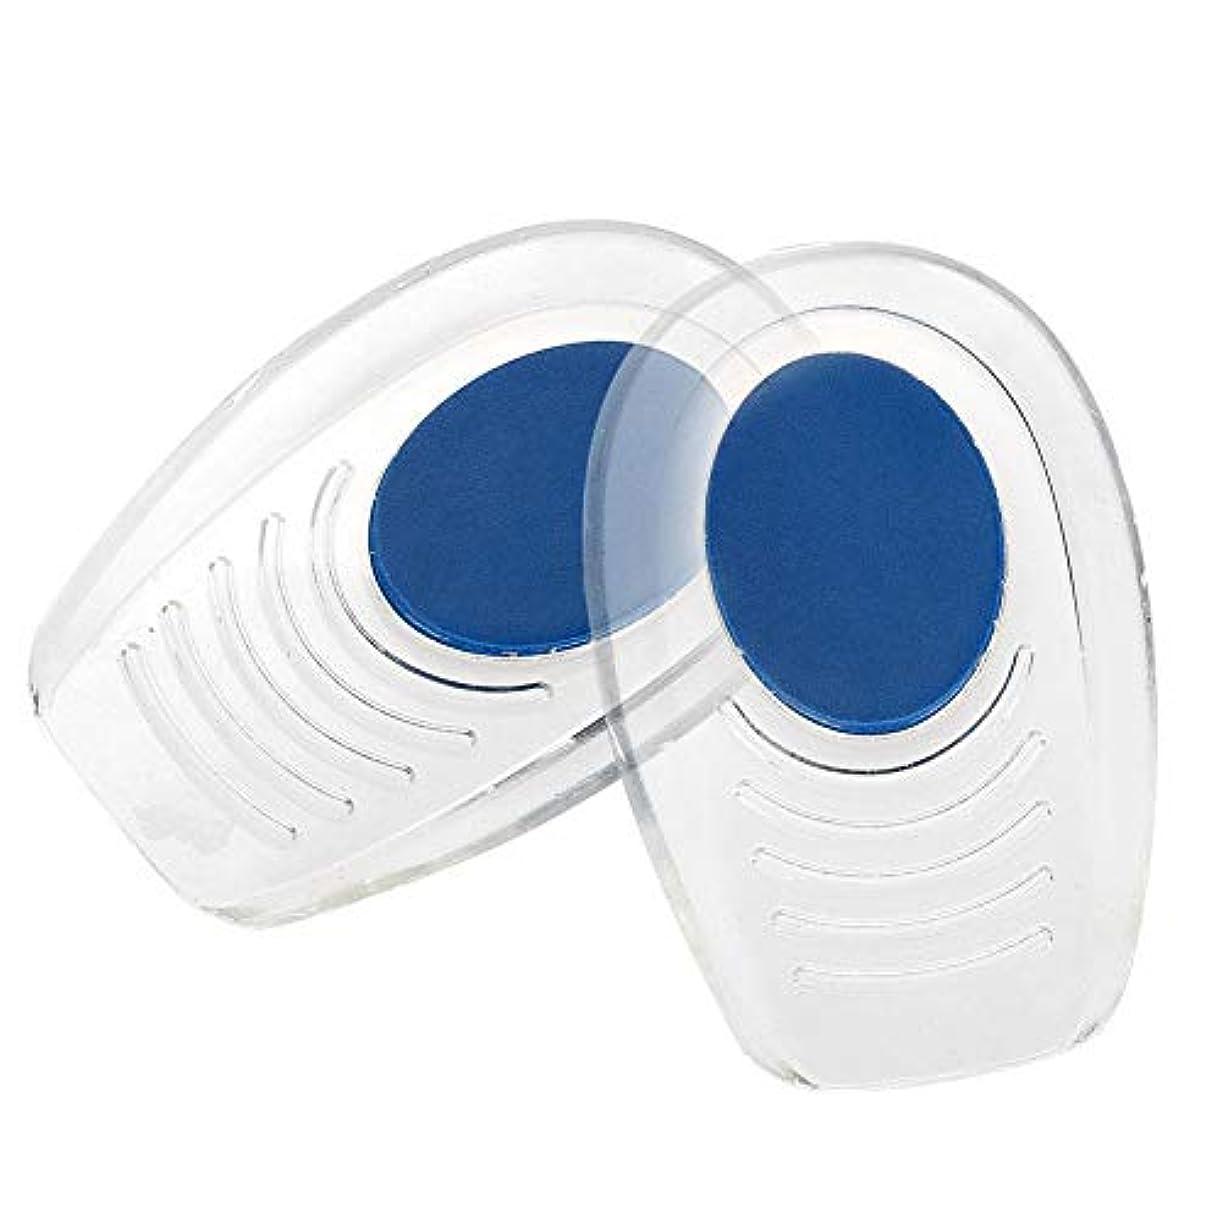 精巧な論争の的呪いソフトインソール かかと痛みパッド   シリコーン衝撃吸収ヒールパッド (滑り止めテクスチャー付) ブルー パッドフットケアツール (S(7*10.5CM))